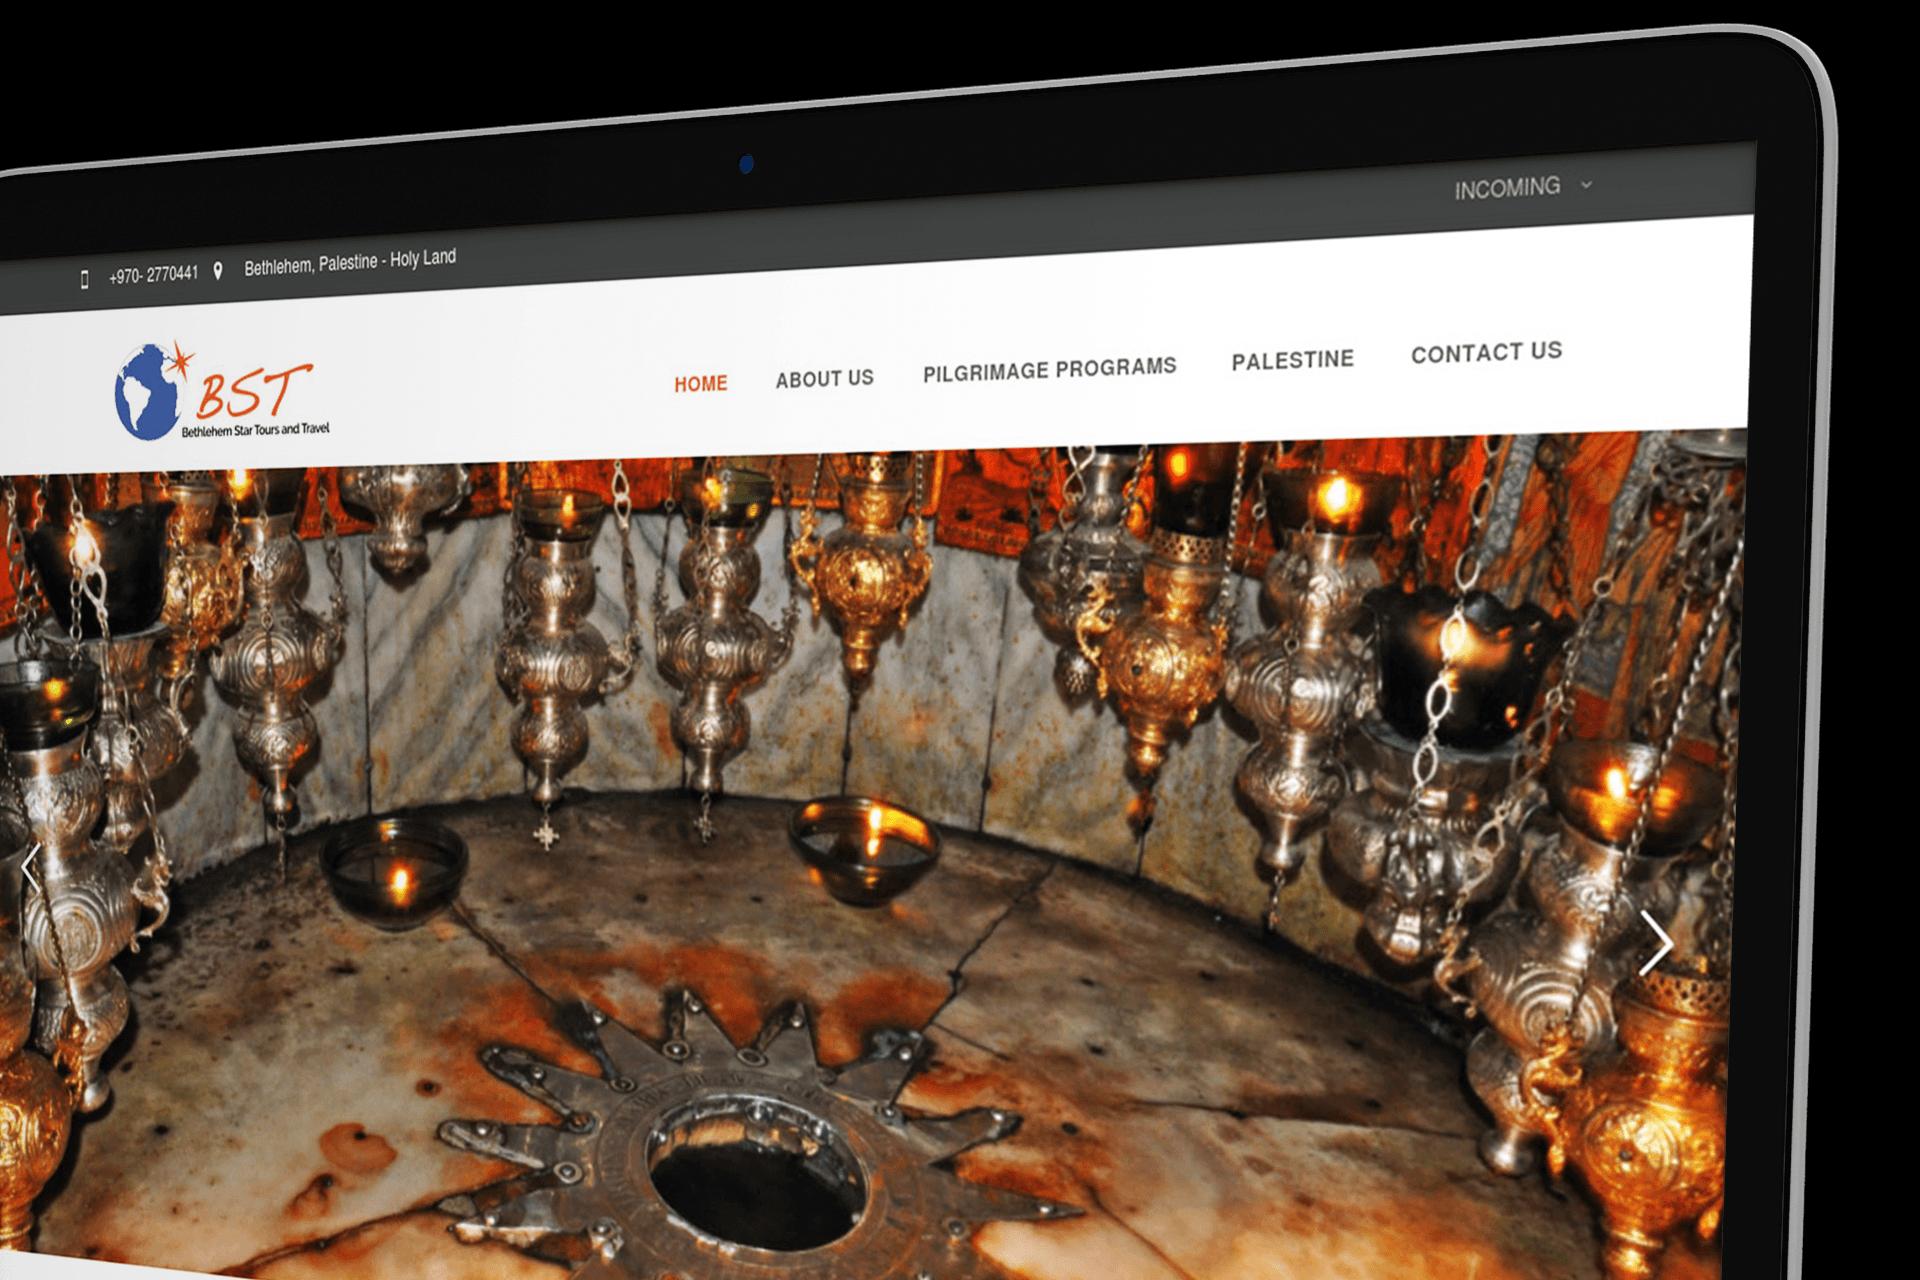 Bethlehem Star Website